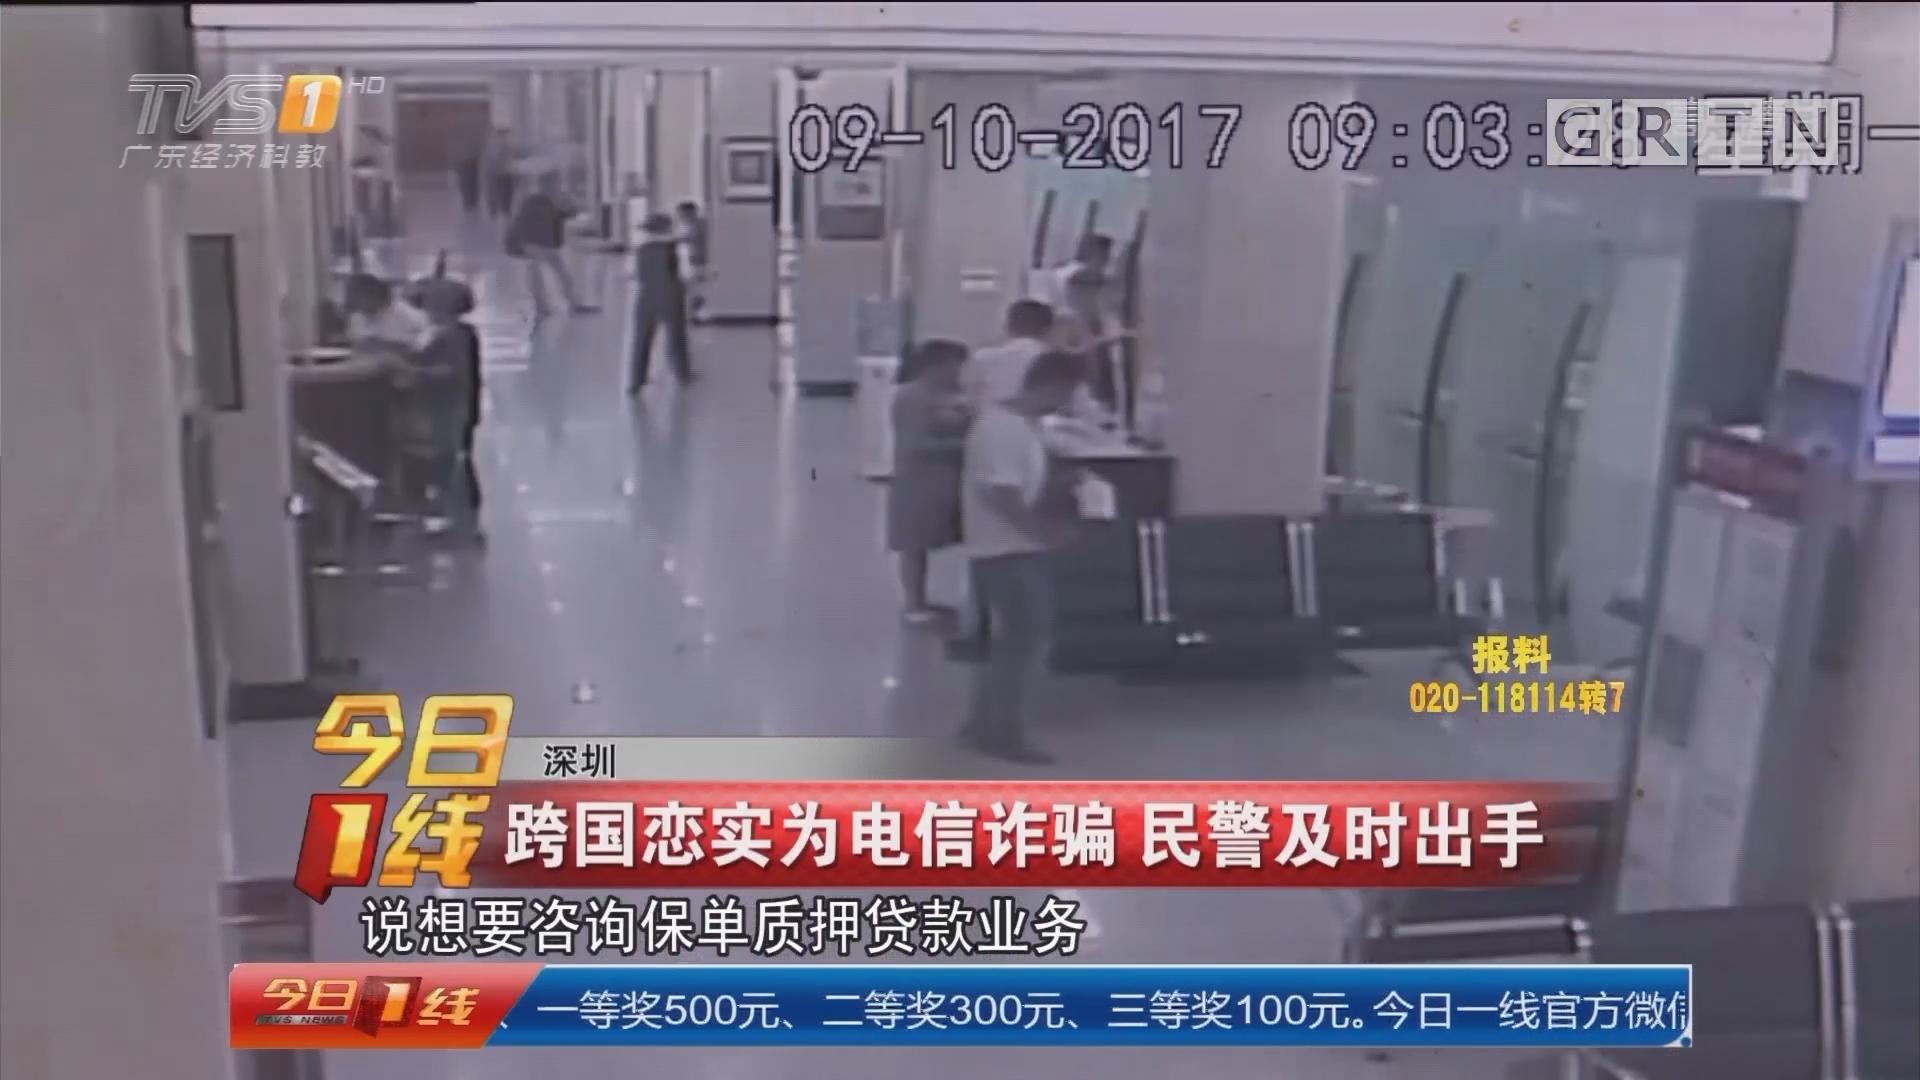 深圳:跨国恋实为电信诈骗 民警及时出手